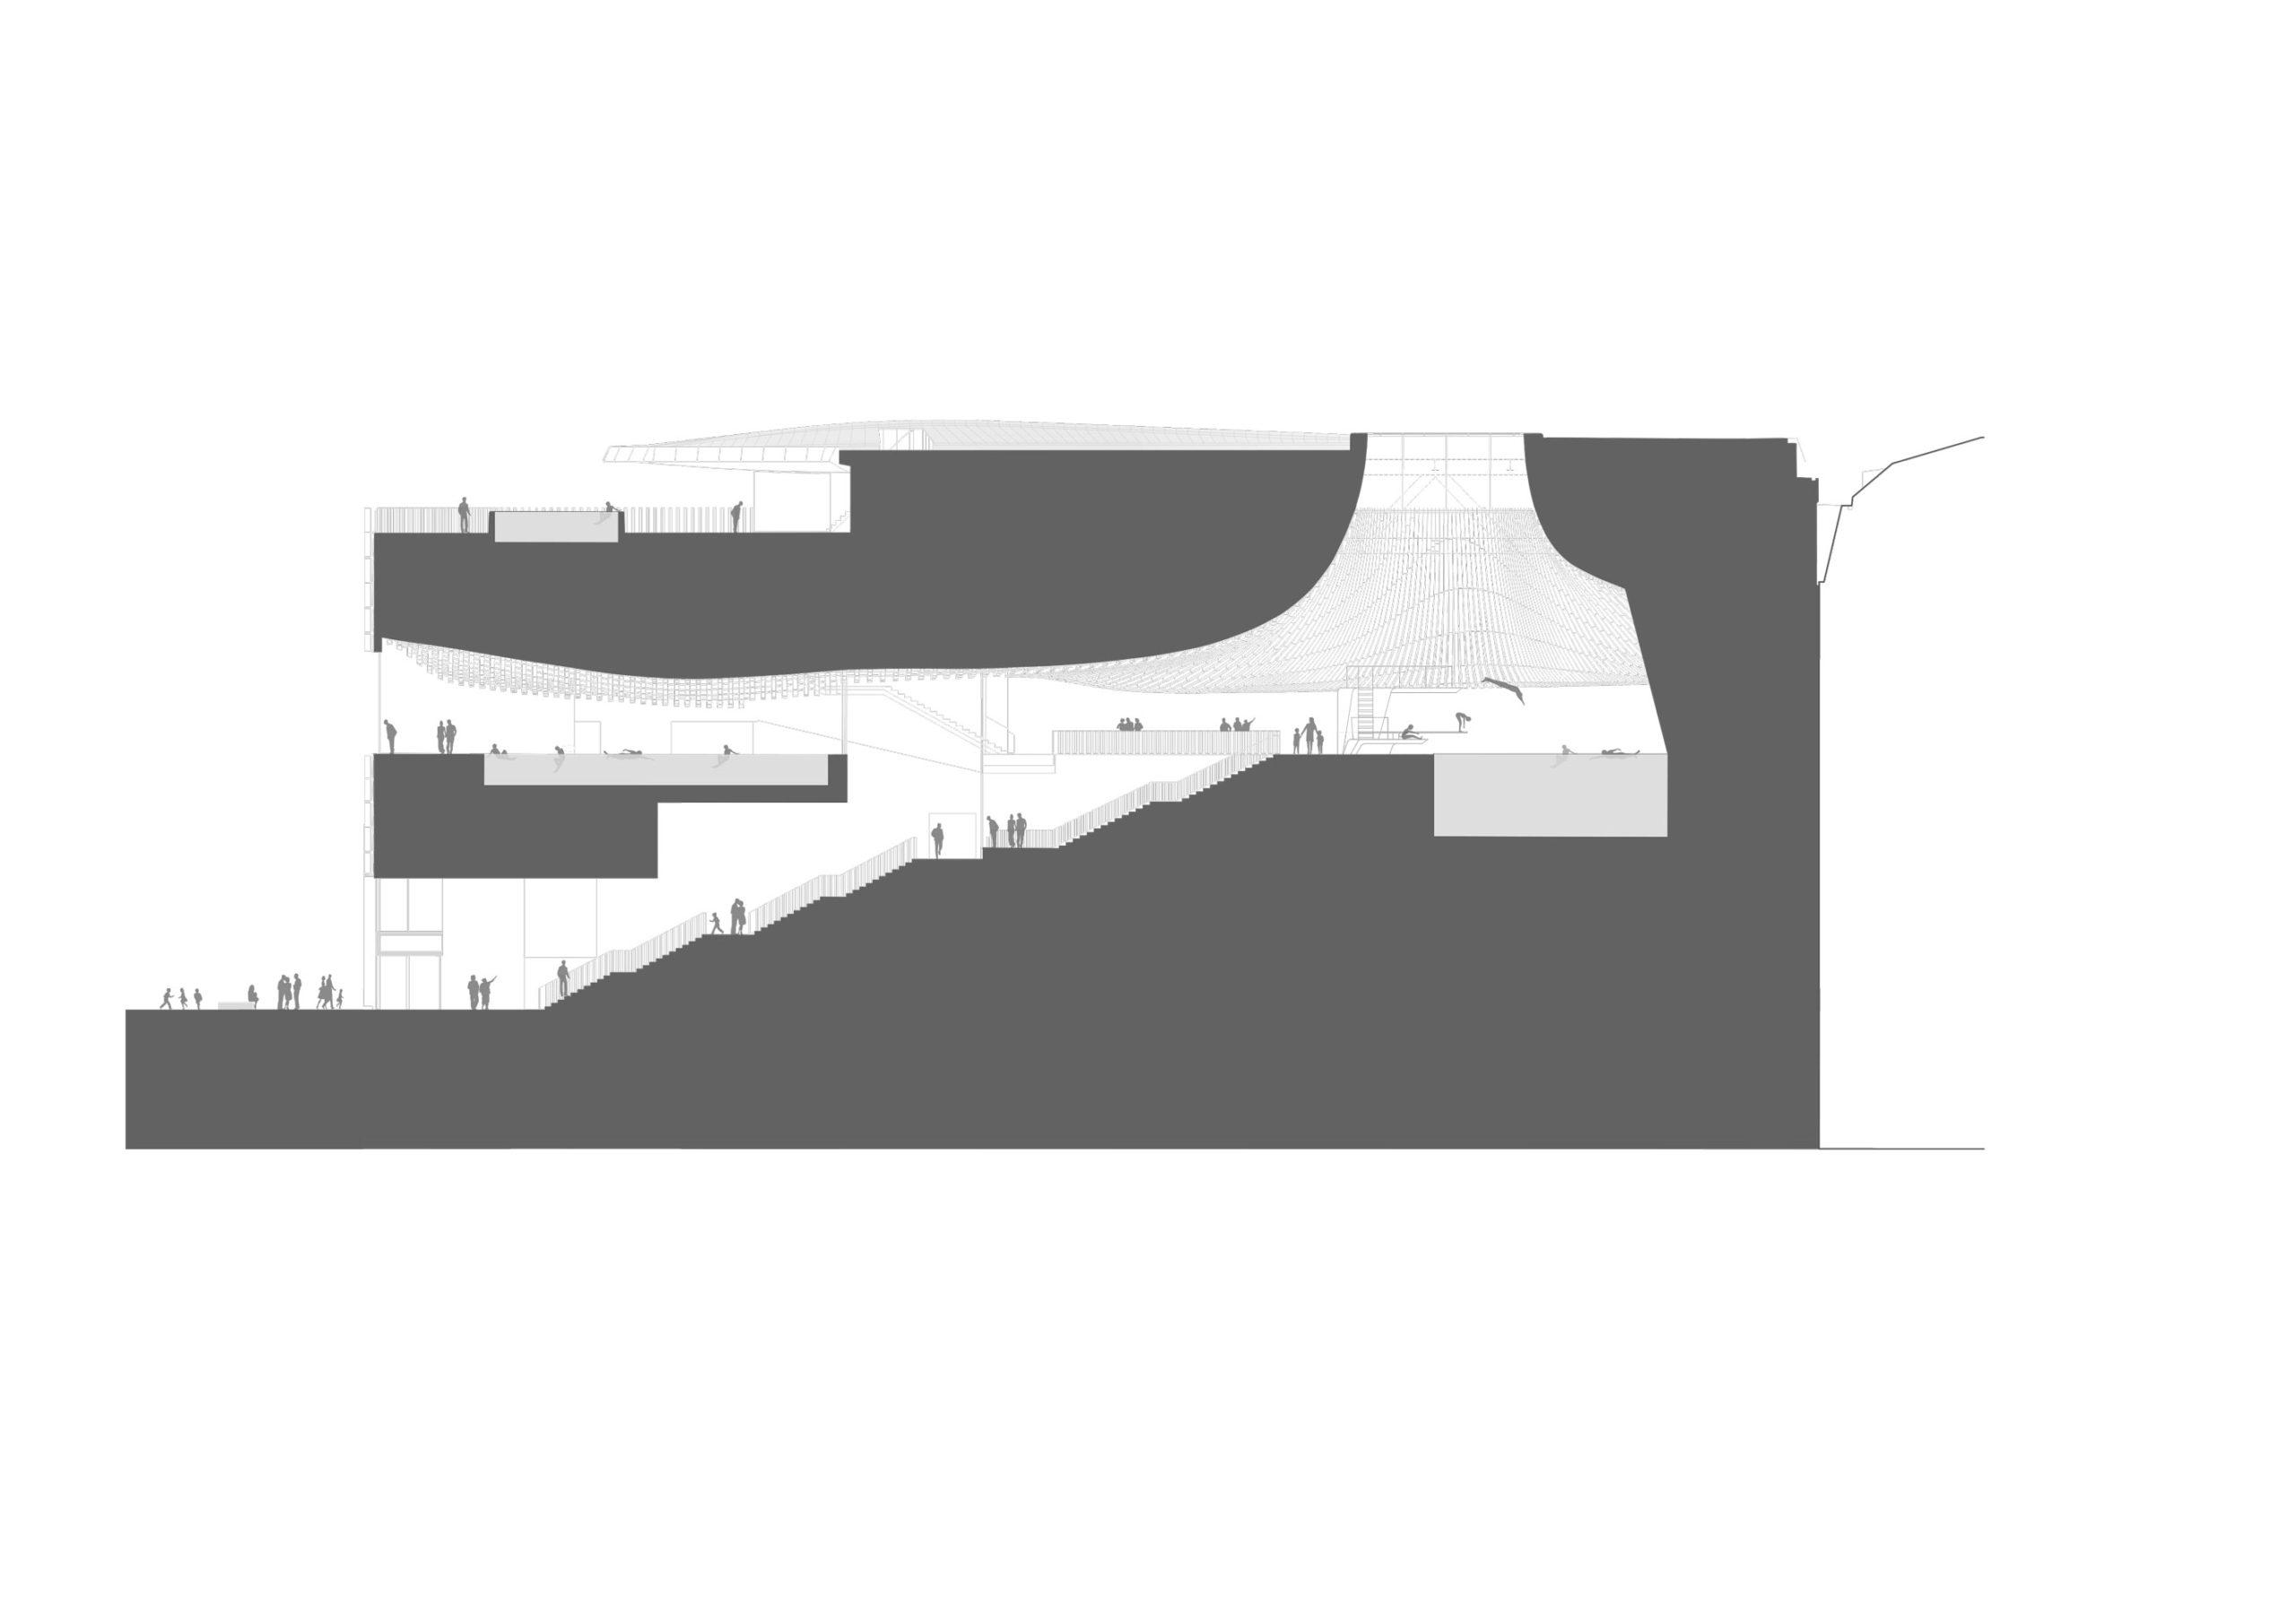 Längsschnitt Paracelsus Bad & Kurhaus. Plan: Berger+Parkkinen Architekten